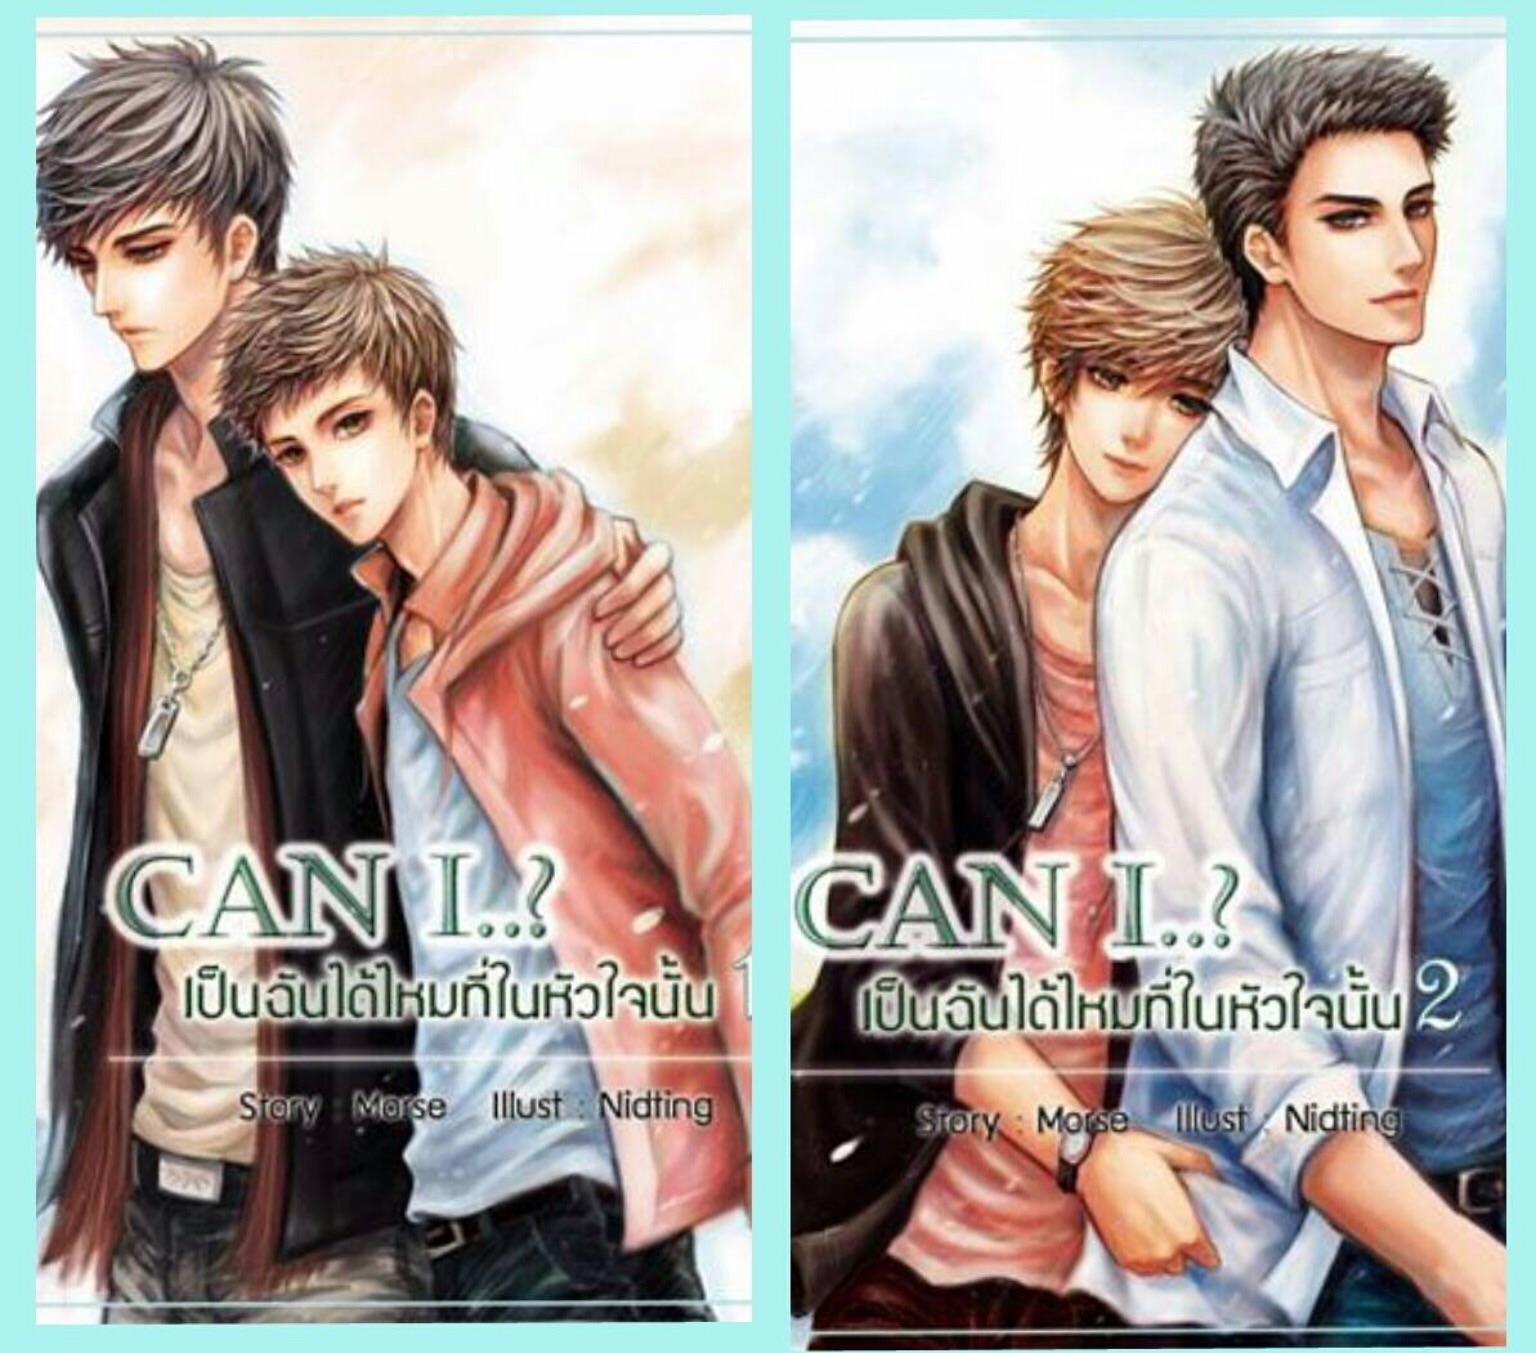 Can I..? เป็นฉันได้ไหมในหัวใจนั้น By Morse